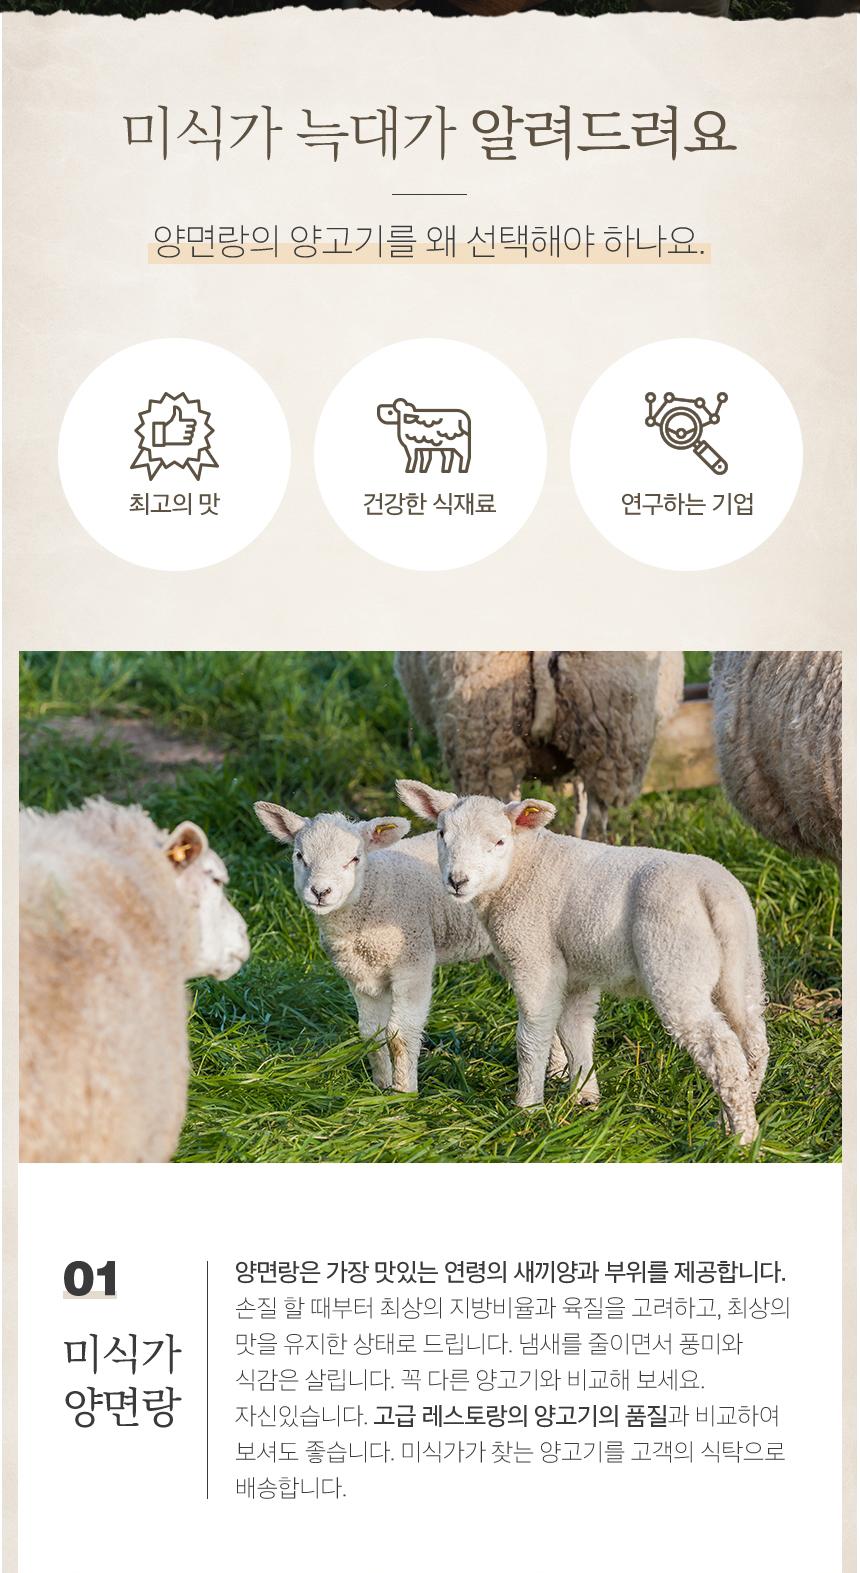 [한가위특가]-양면랑-양고기-프리미엄-선물세트_04.jpg